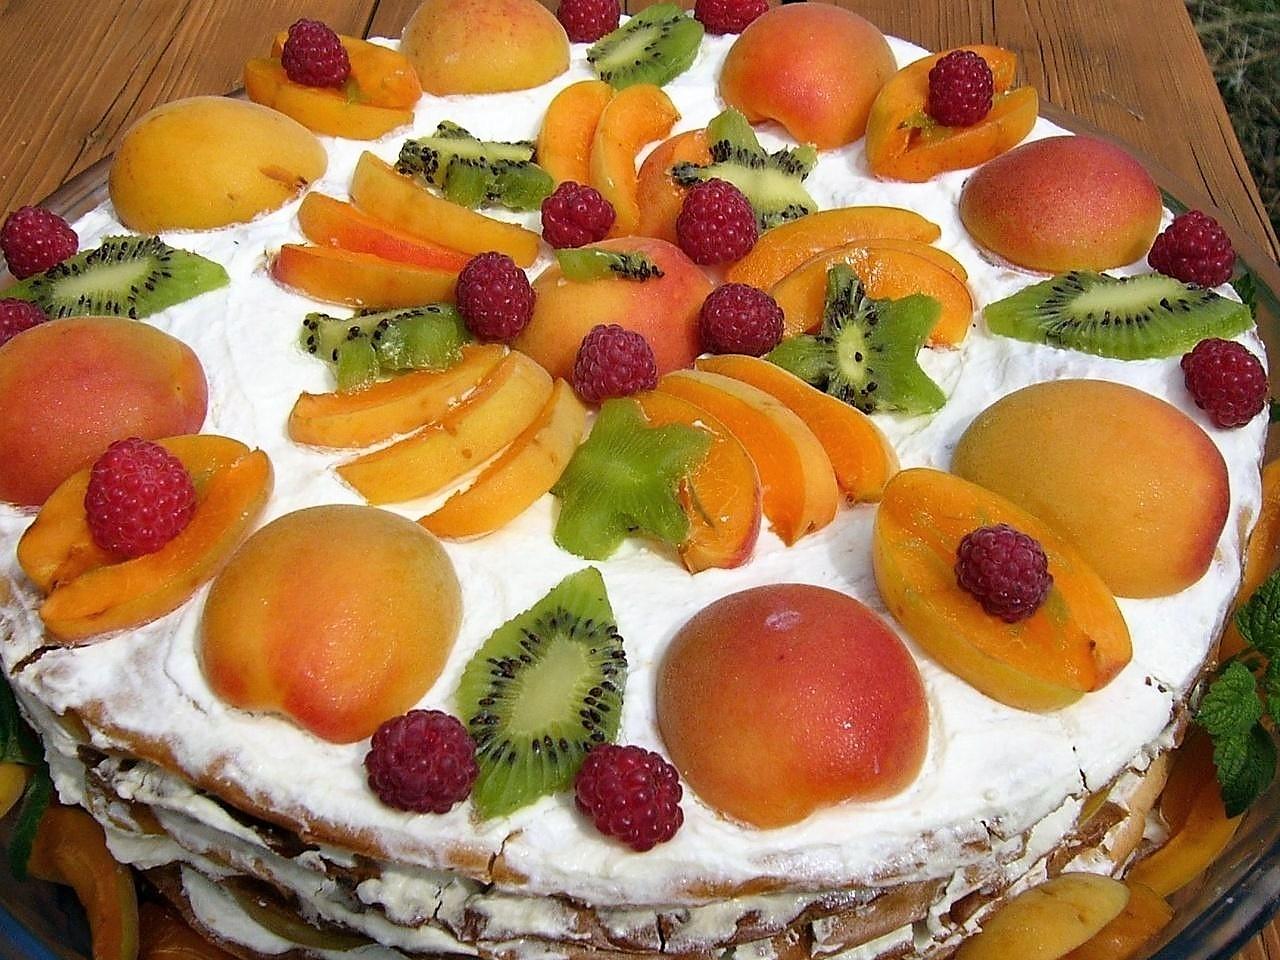 День рождения картинки 9 лет с фруктами, днем рождения дочке